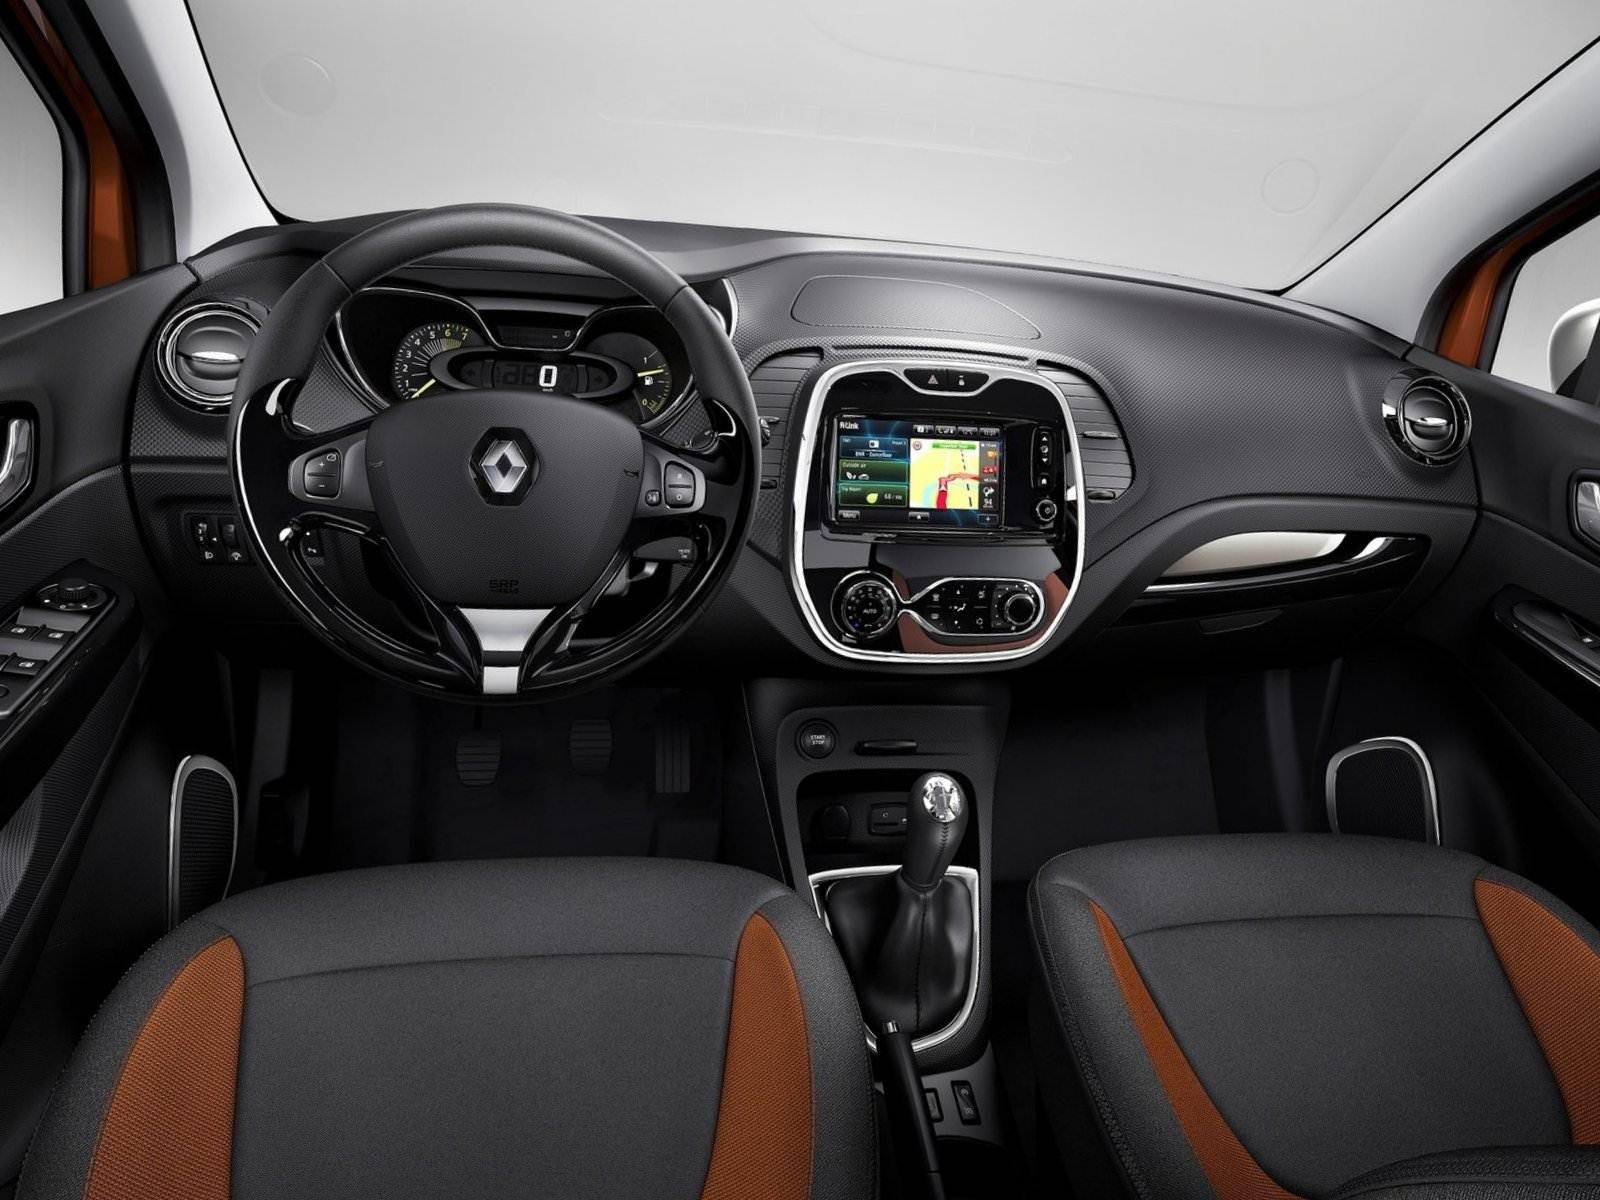 Renault Captur brasileira chega em 2014 e preço de R$ 65mil | CAR